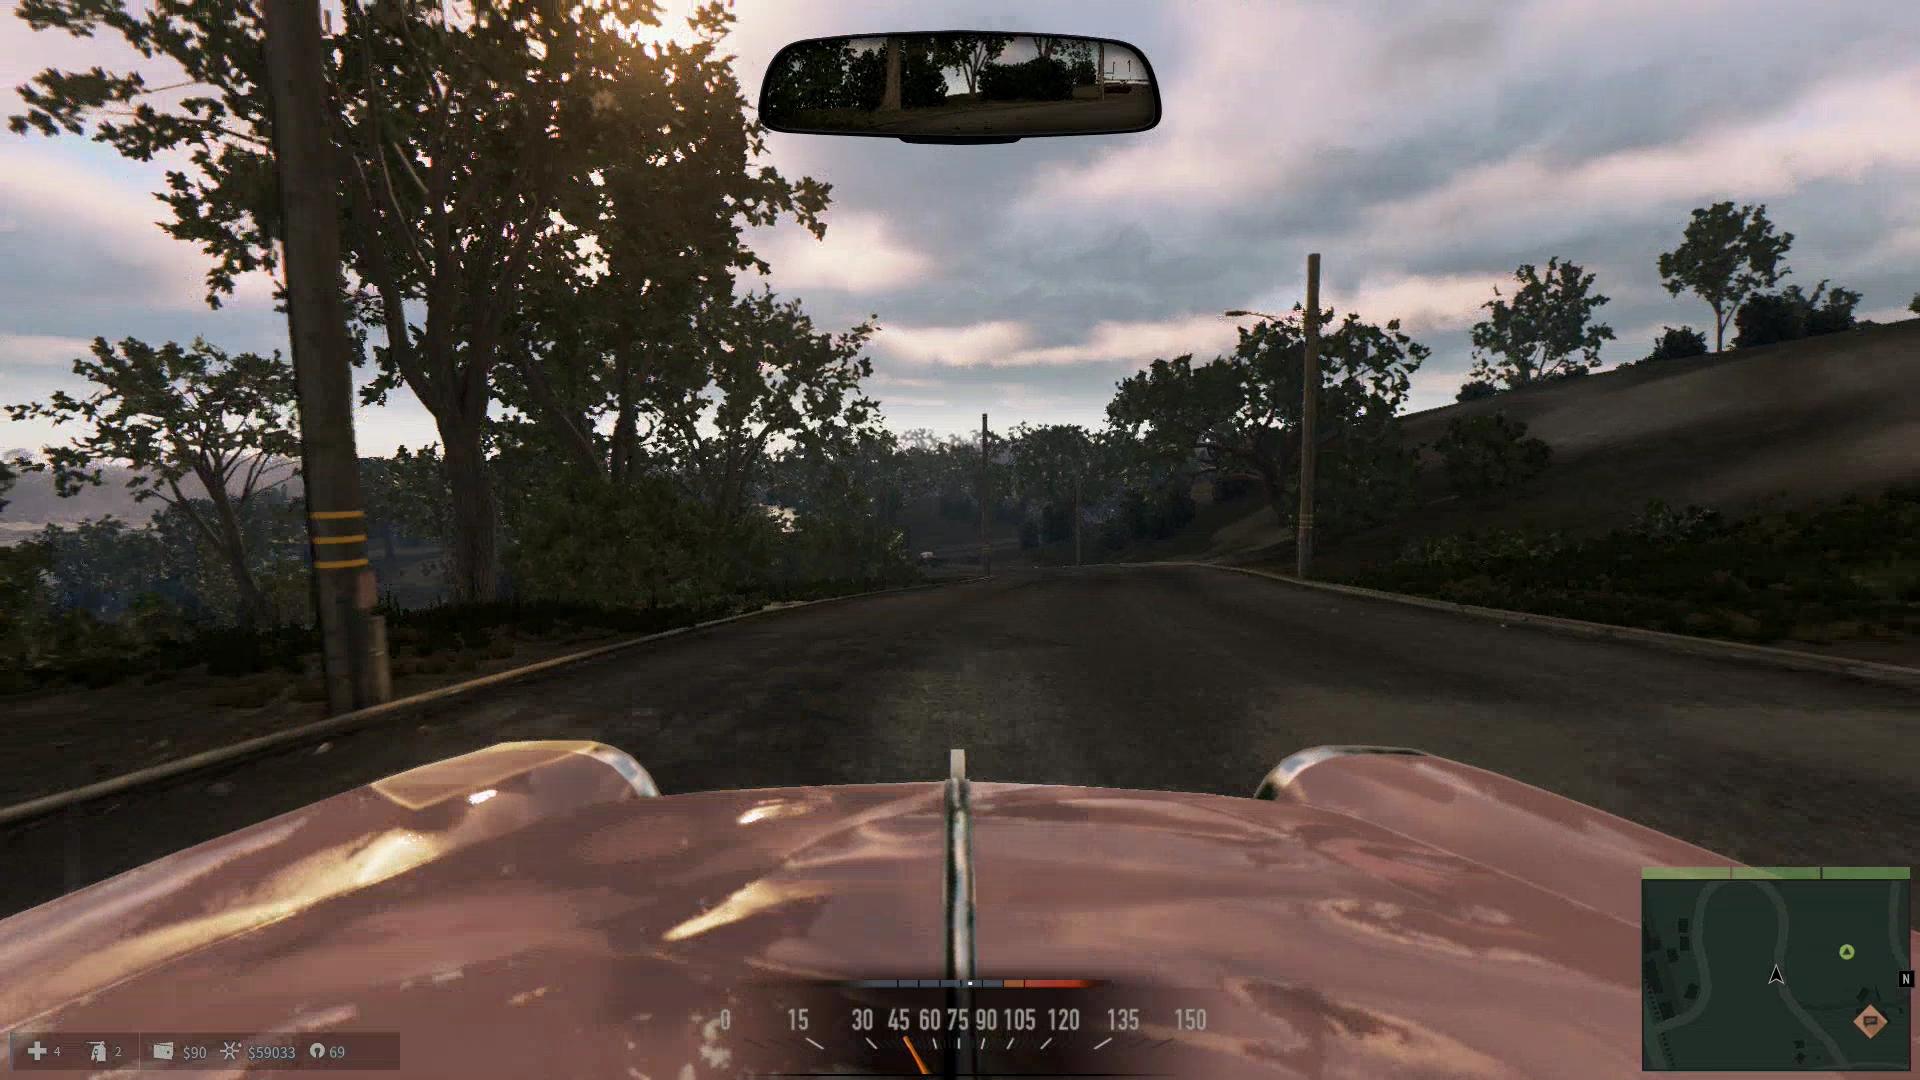 運転中の視点は俯瞰の視点以外にも1人称視点も選択できるので、このドライバー目線の視点が好きな人は切り替えるといいだろう